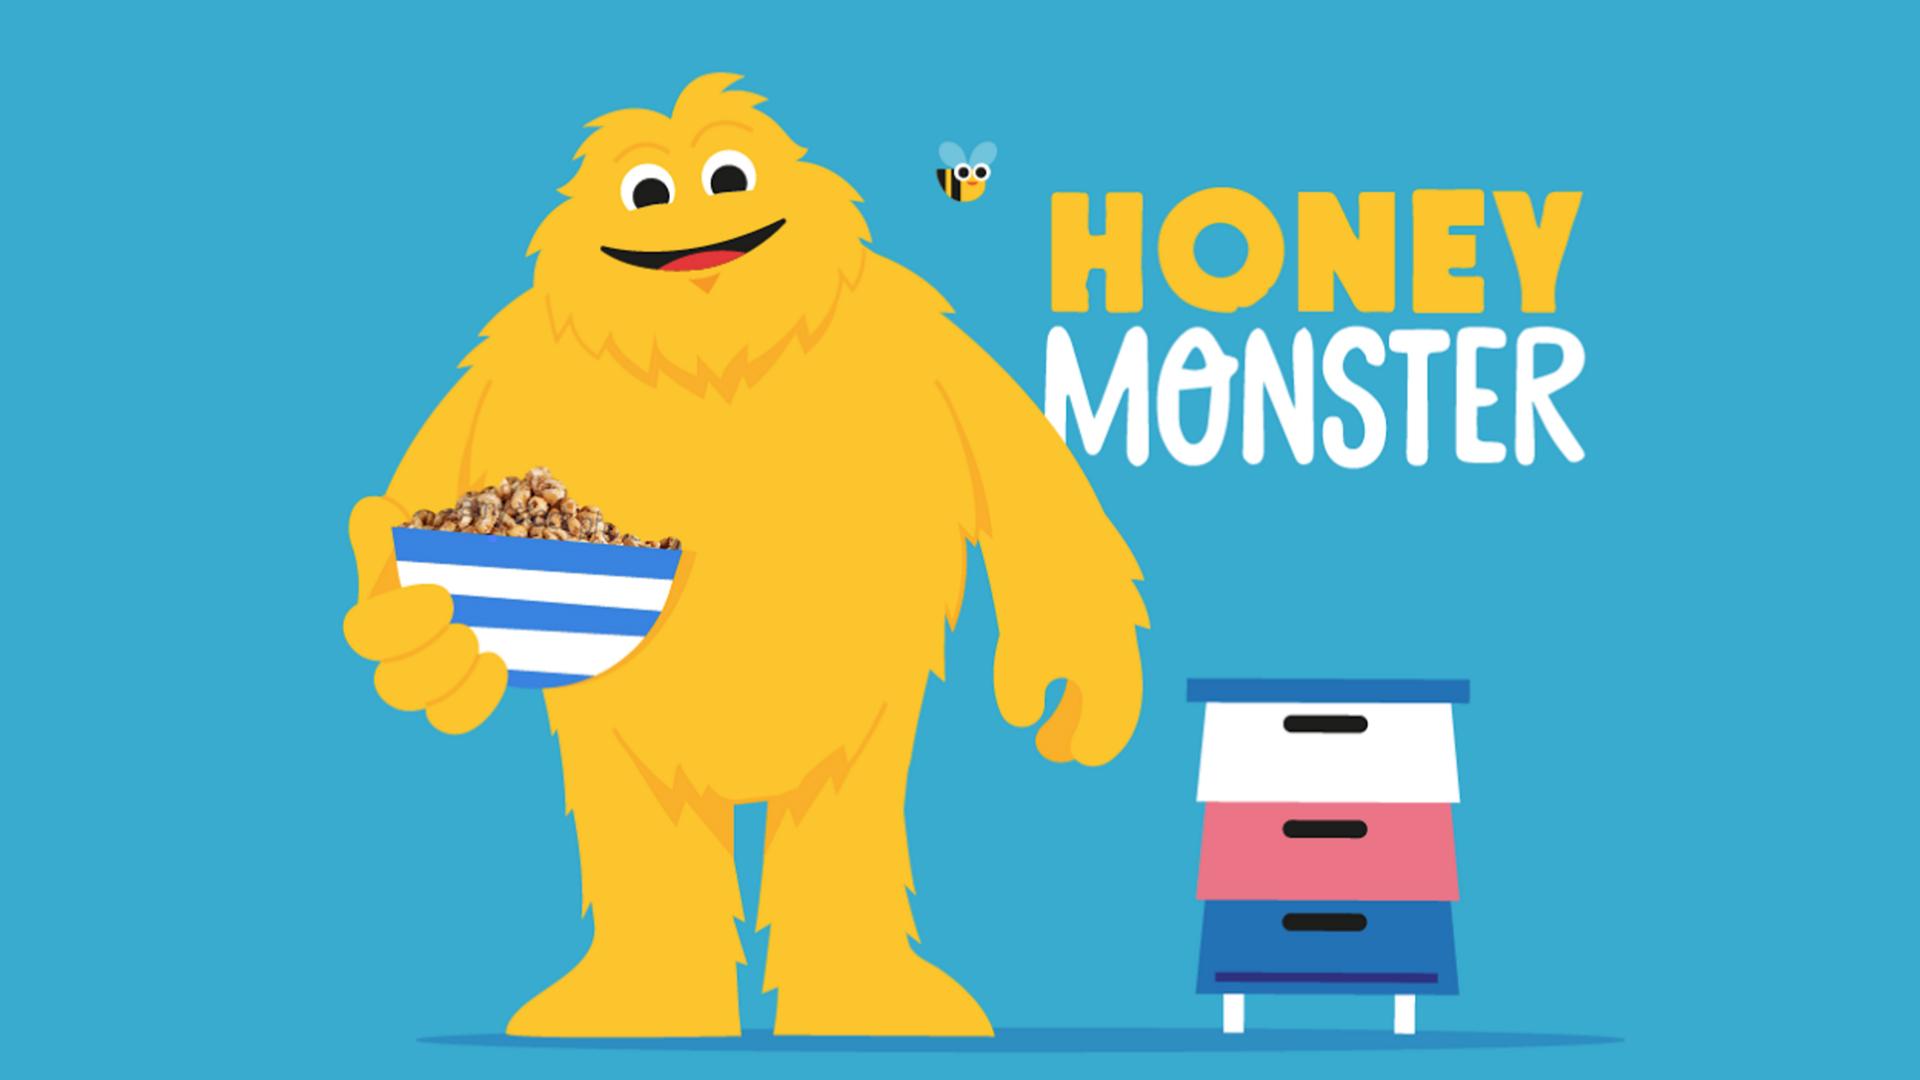 Honey Monster APPROVED 01.jpg